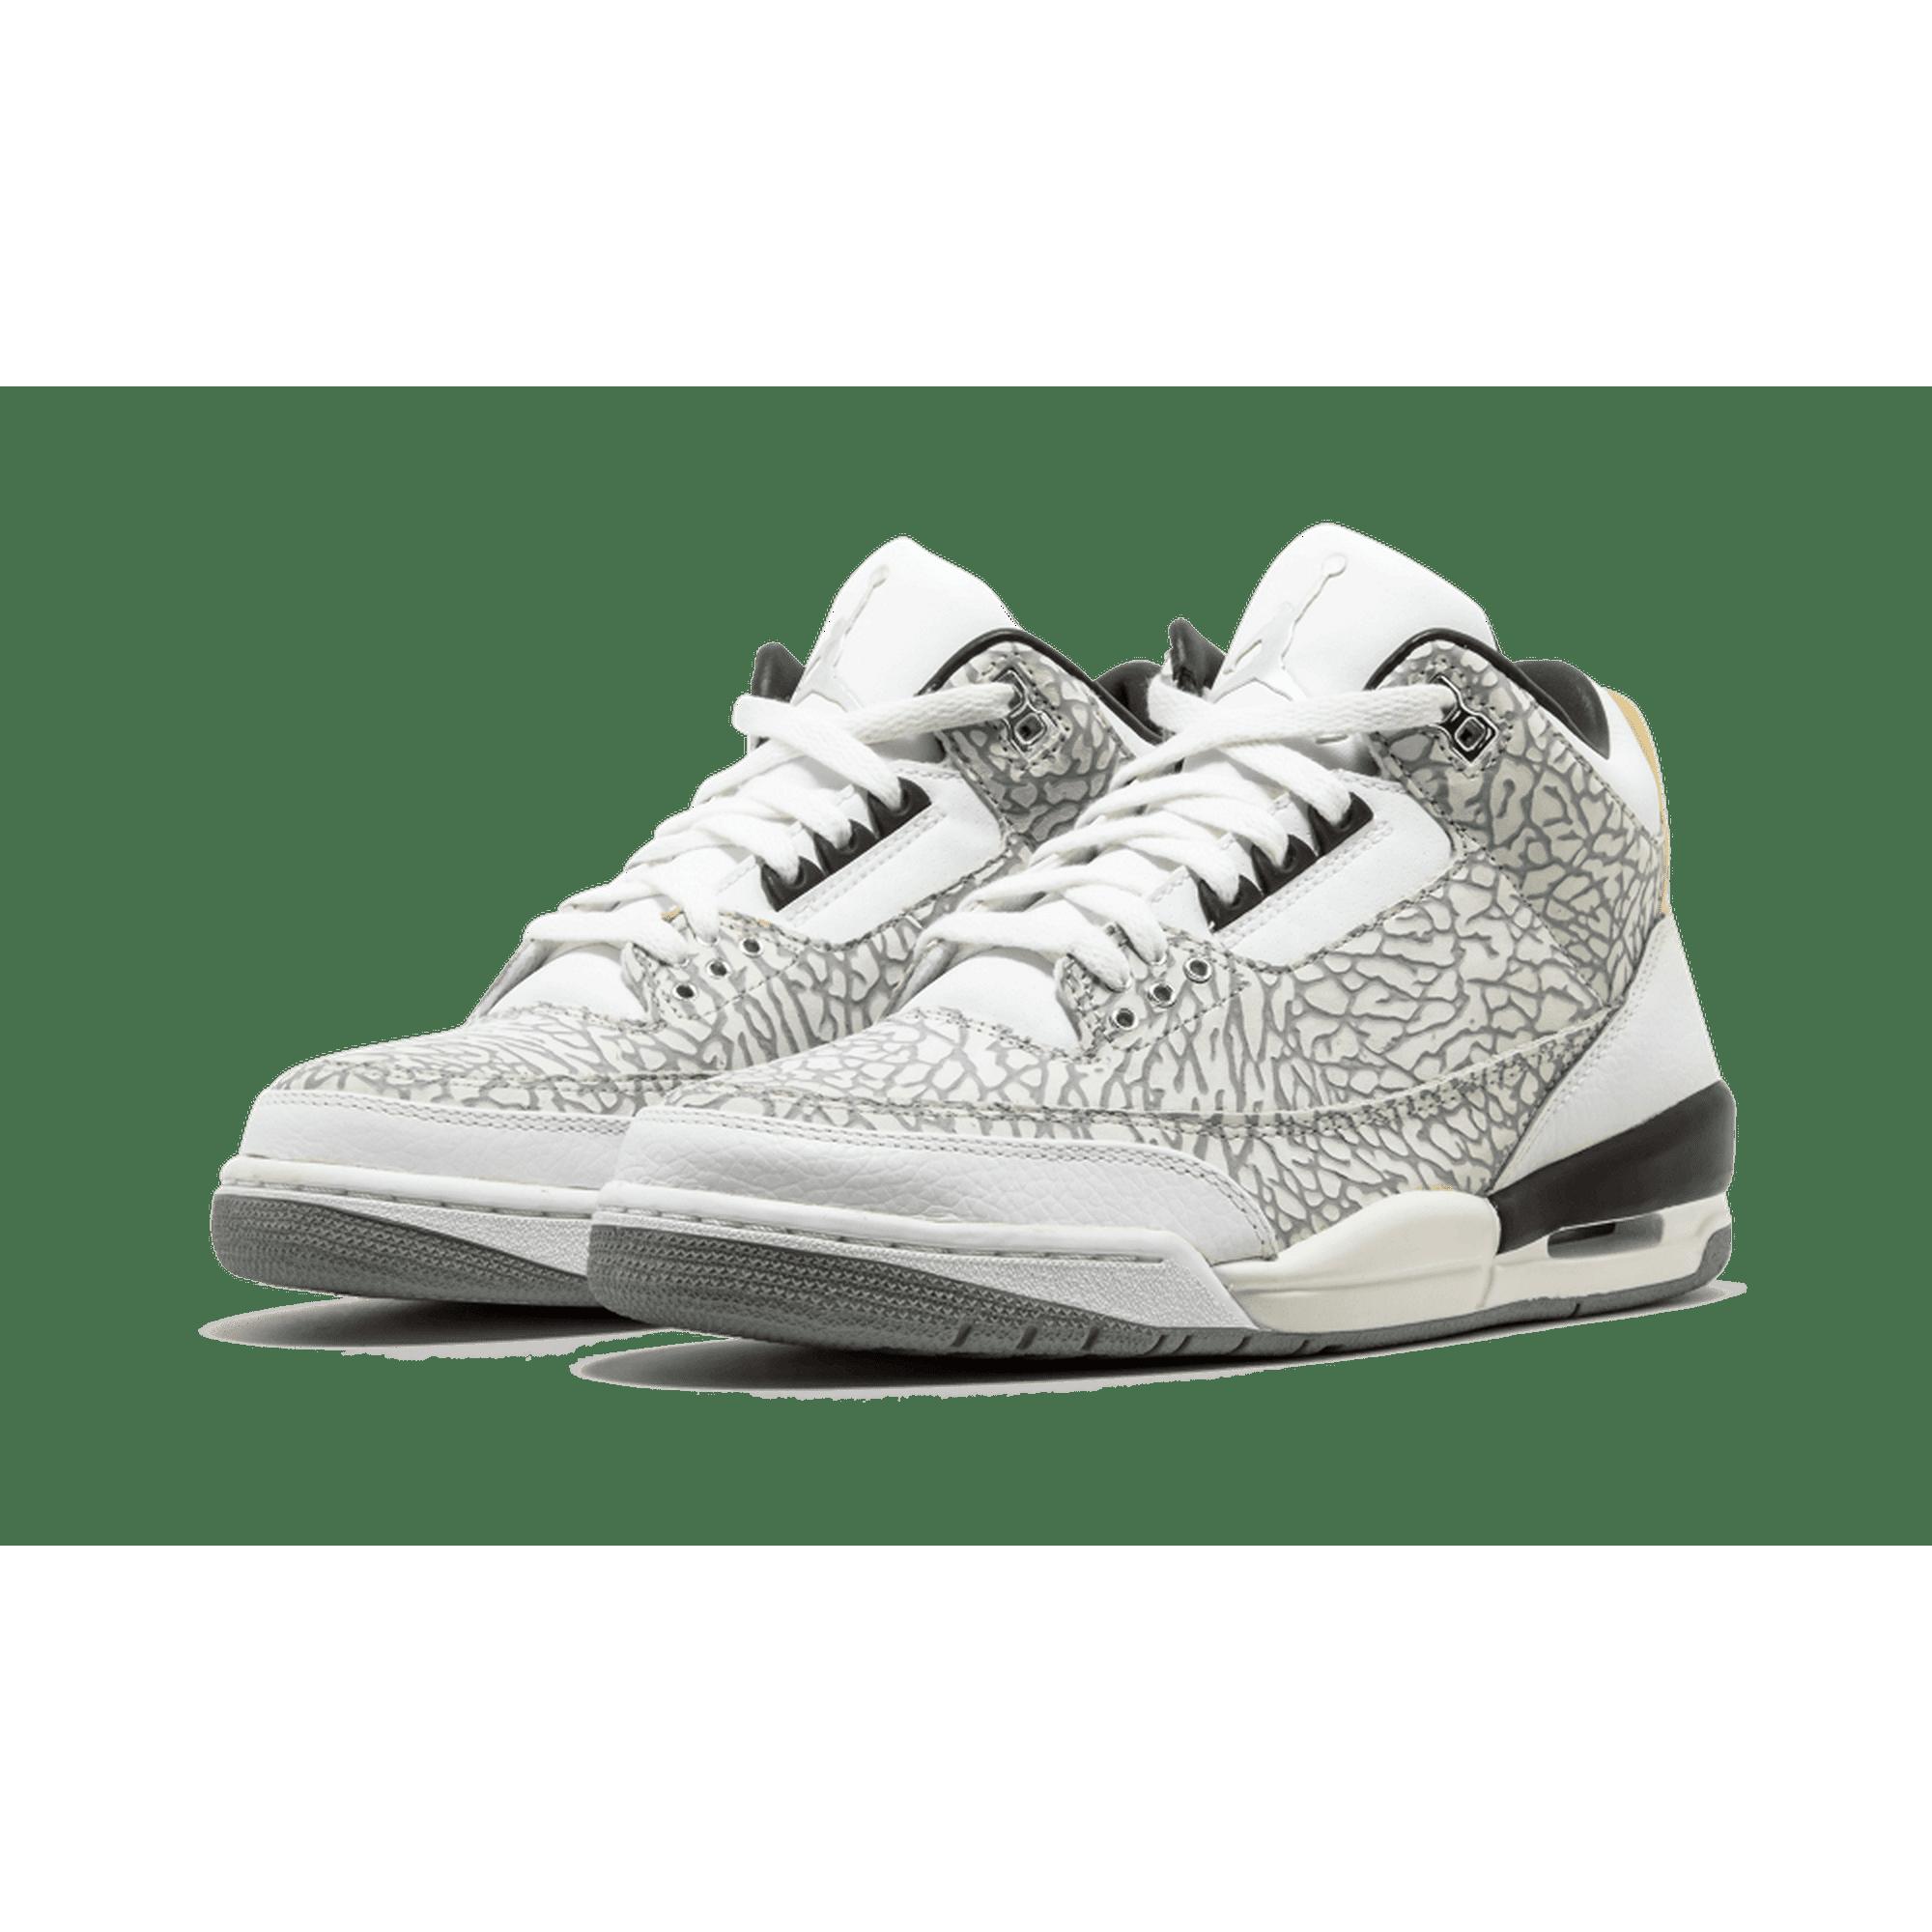 879c02f88ba174 Air Jordan - Men - Air Jordan Retro 3 Flip - 315767-101 - Size 11.5 - Size  11.5